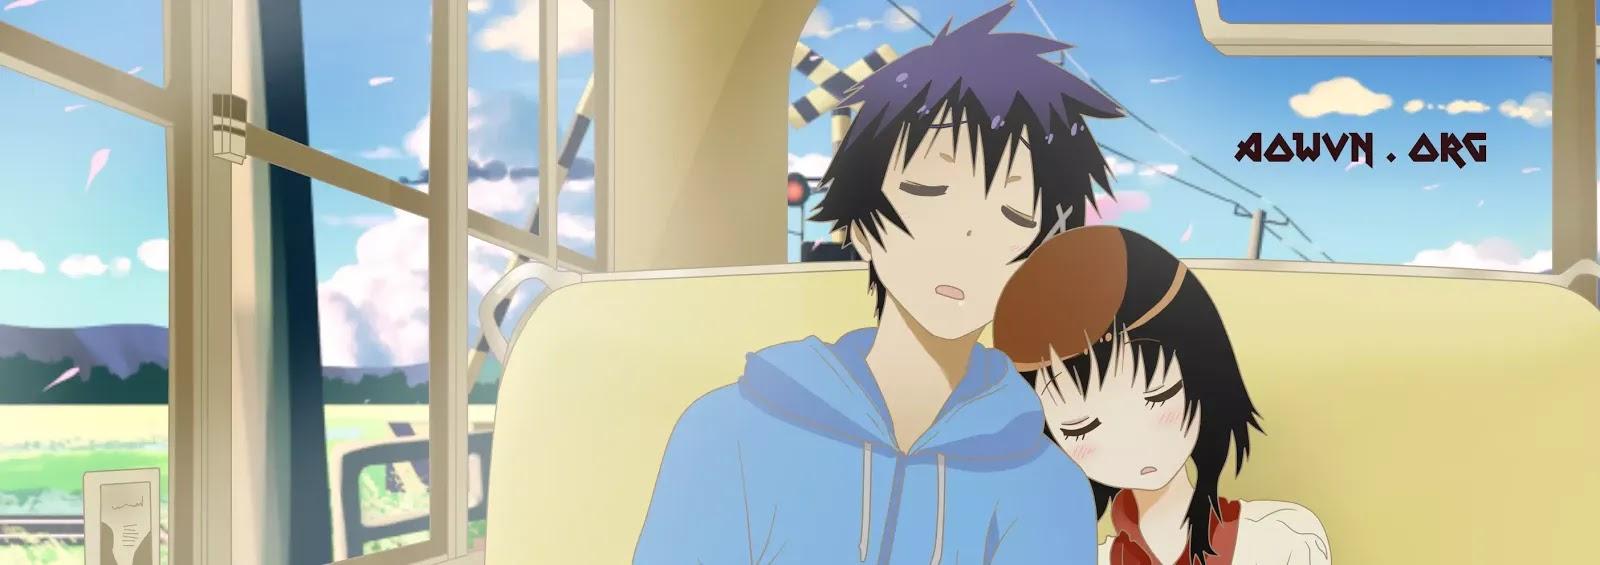 AowVN Nisekoi%2B%25285%2529 - [ Anime 3gp Mp4 ] Nisekoi BD SS1 + SS2 + OVA | Vietsub - Tình Cảm Hài Hước Cực Hay